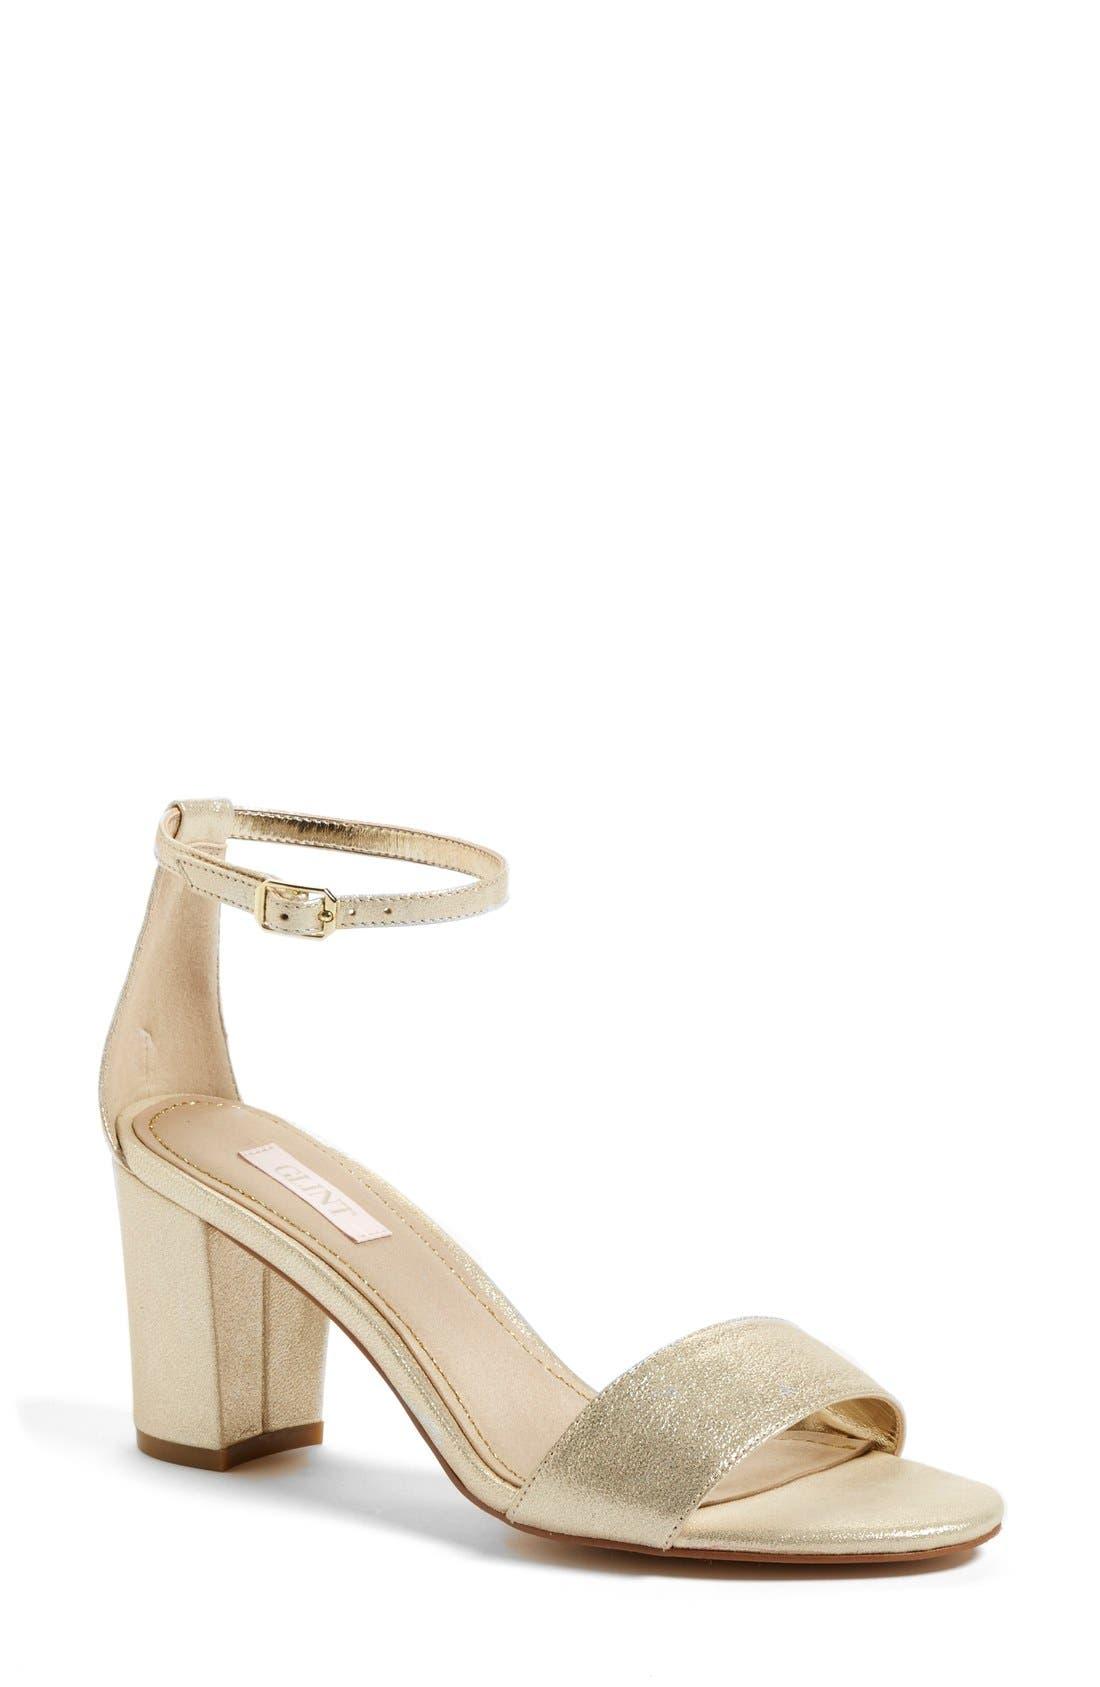 'Lana' Block Heel Ankle Strap Sandal,                             Main thumbnail 1, color,                             Platino Metallic Suede